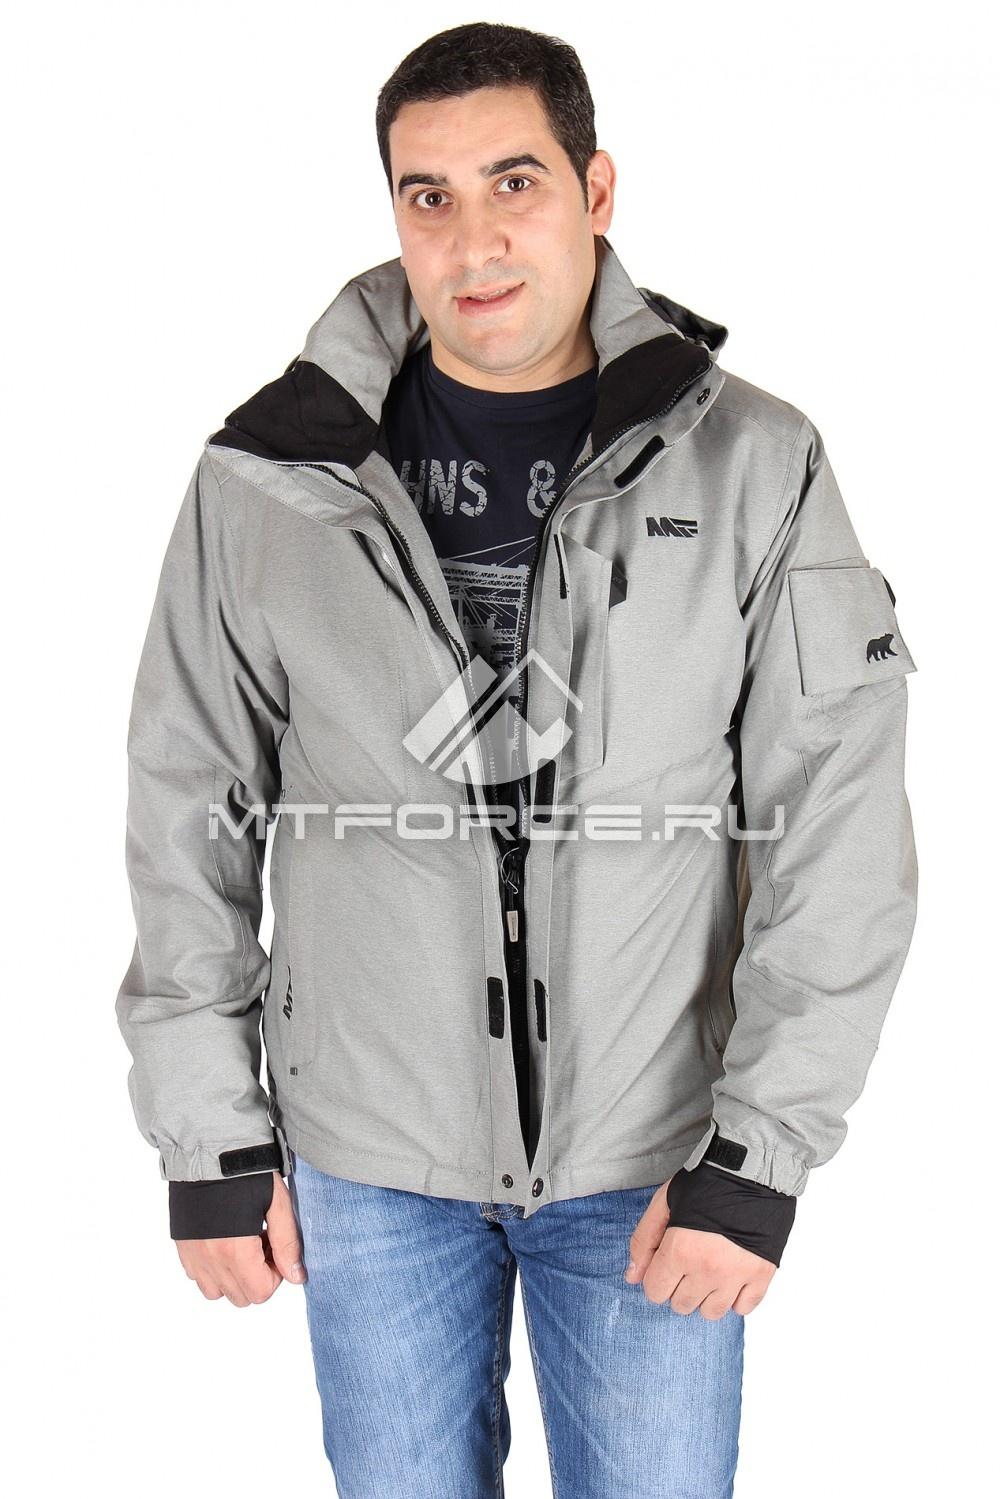 Купить                                  оптом Куртка мужская серого цвета 23019Sr